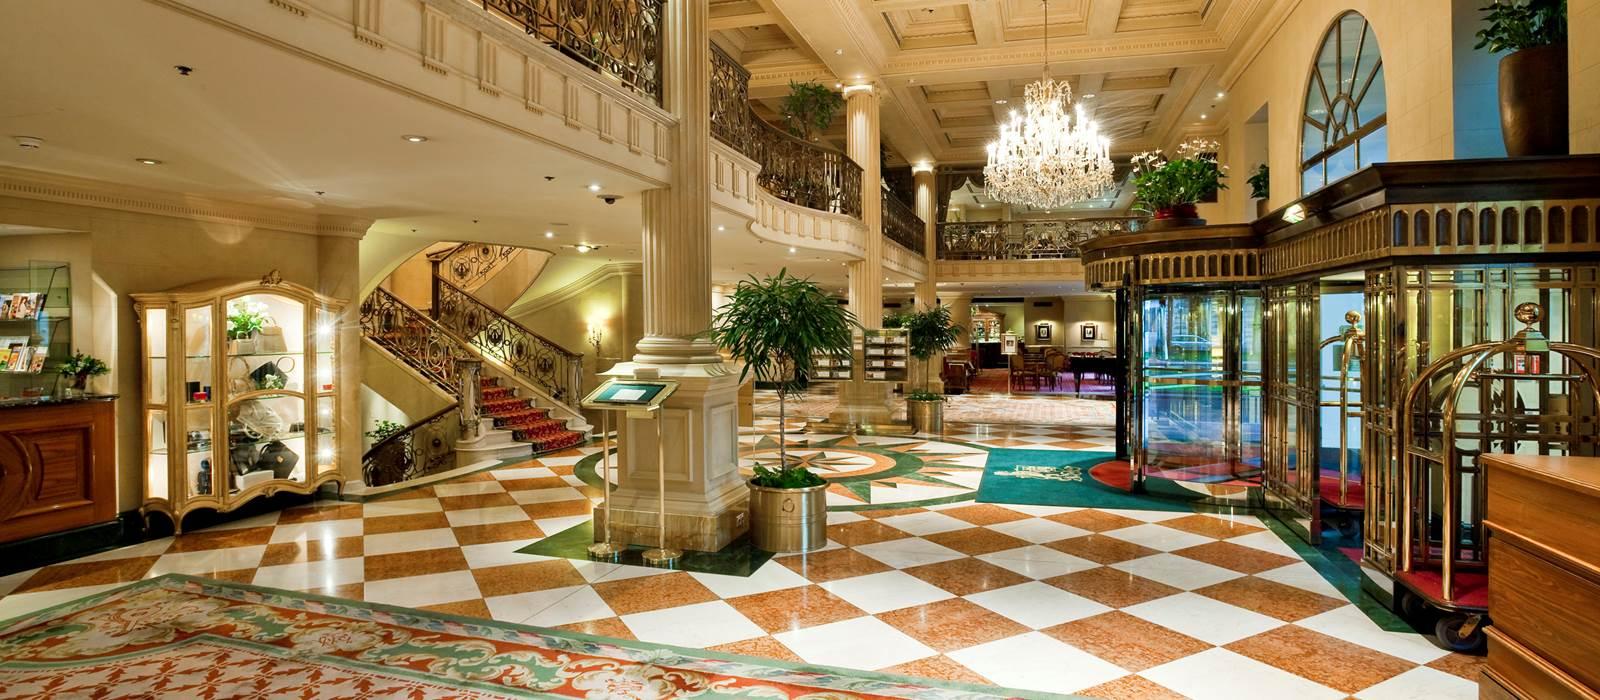 Luxushotel 5 sterne hotel luxusresort hotelmarketing for Boutique hotel vienne autriche